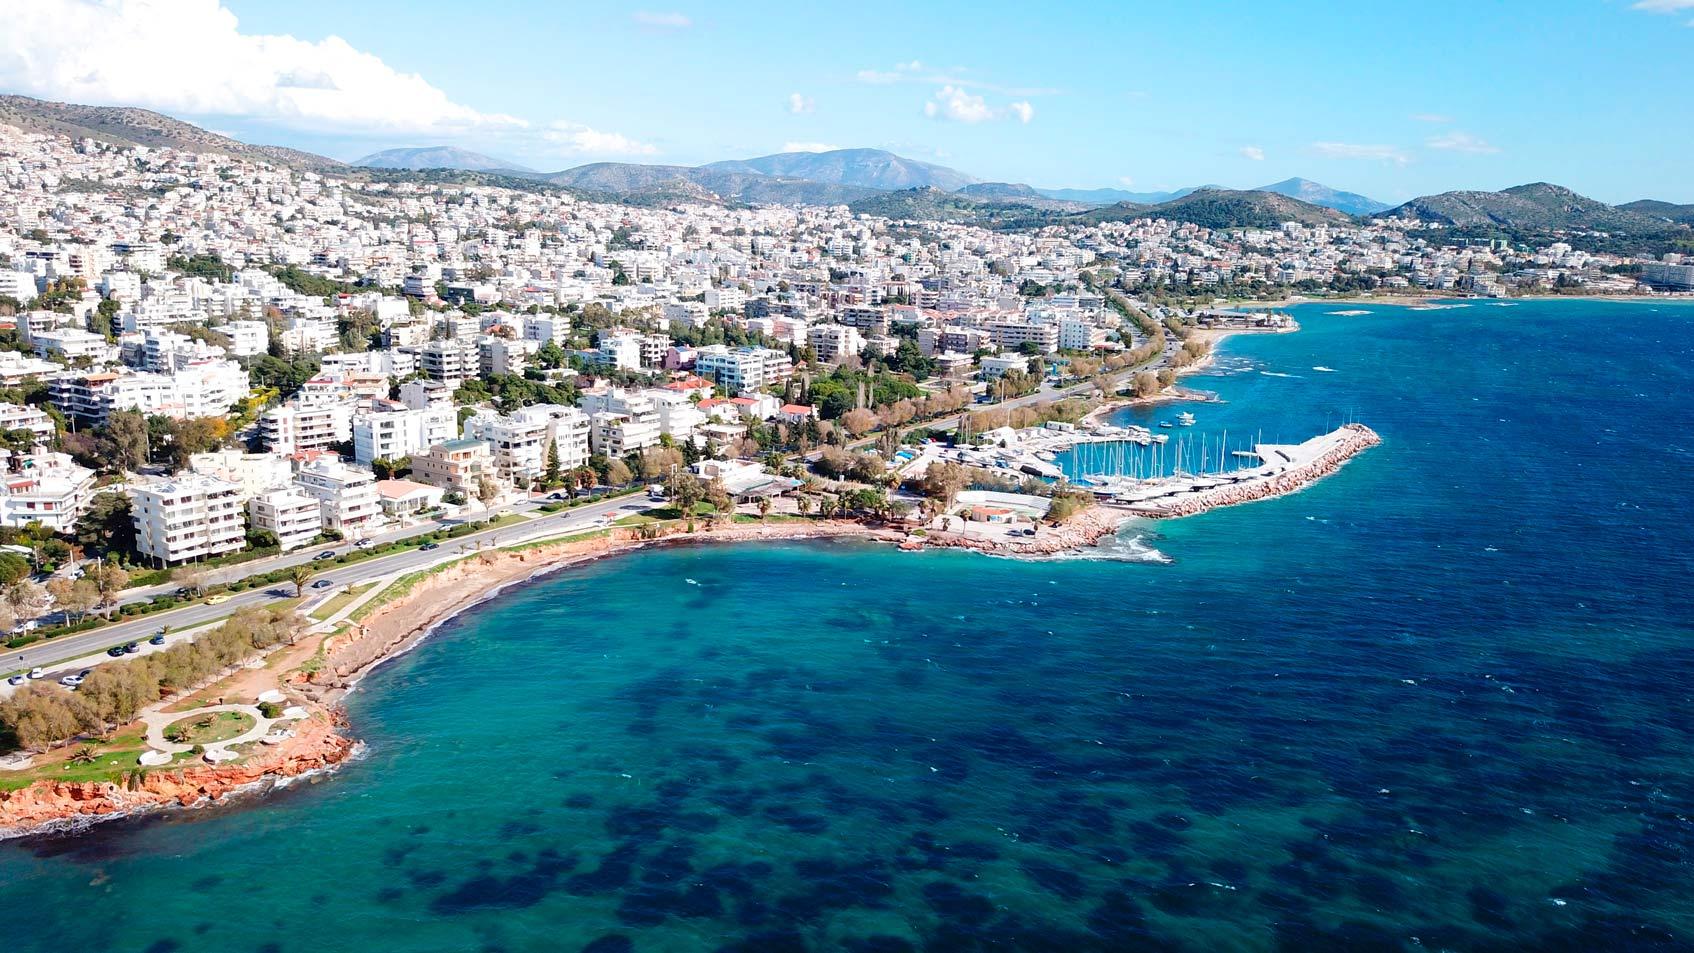 Вид с высоты птичьего полета на знаменитый морской пейзаж Афинской Ривьеры, Вула, Афинская Ривьера, Аттика